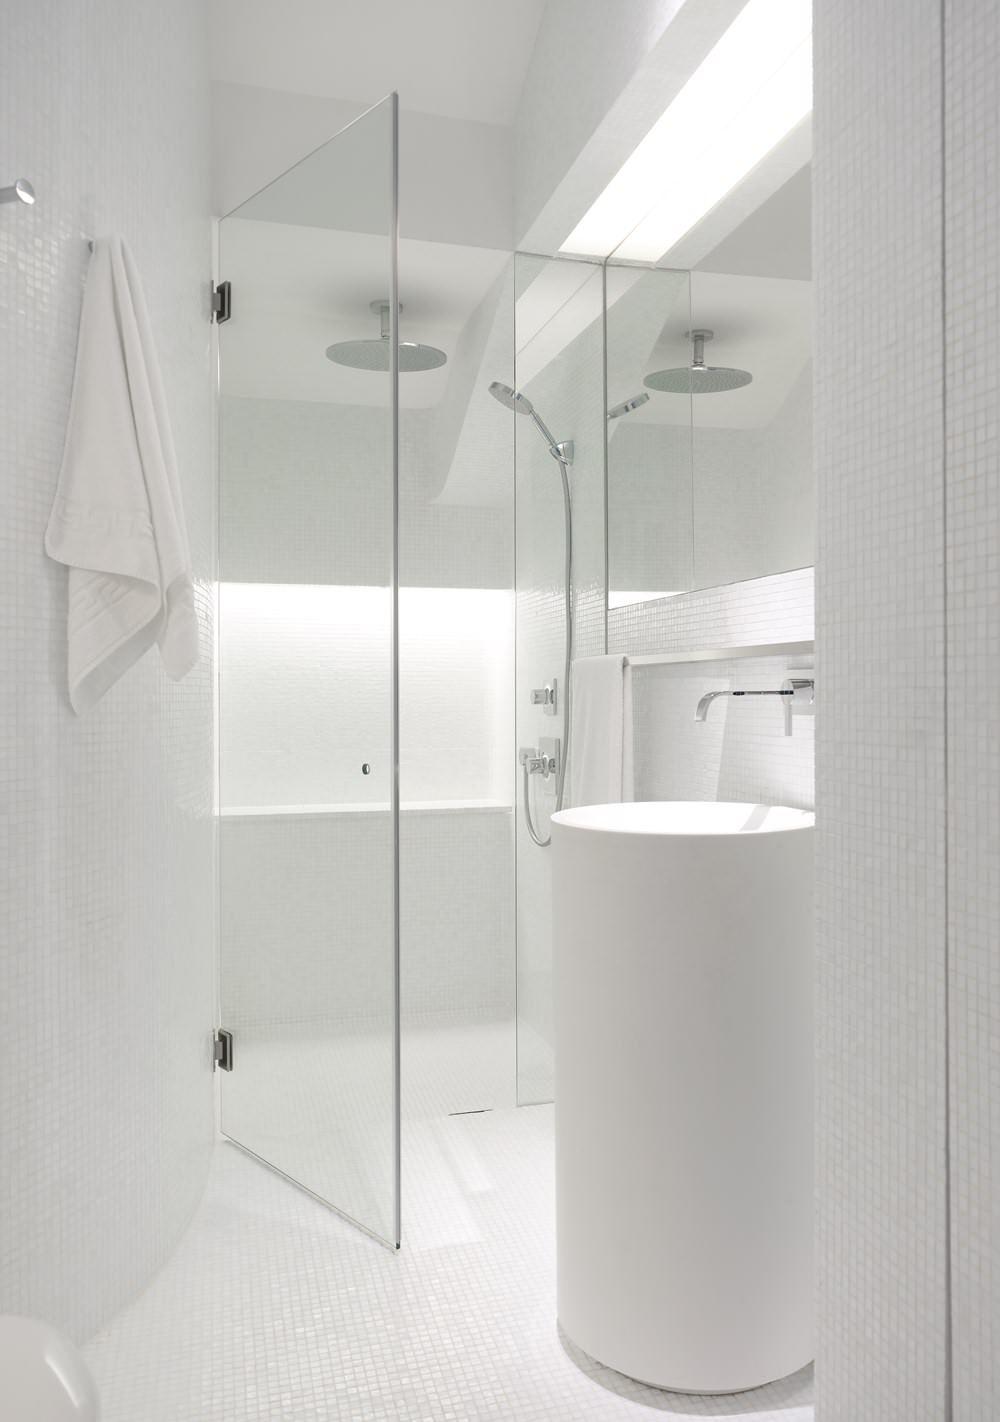 50 idee per ristrutturare un bagno piccolo, moderno e